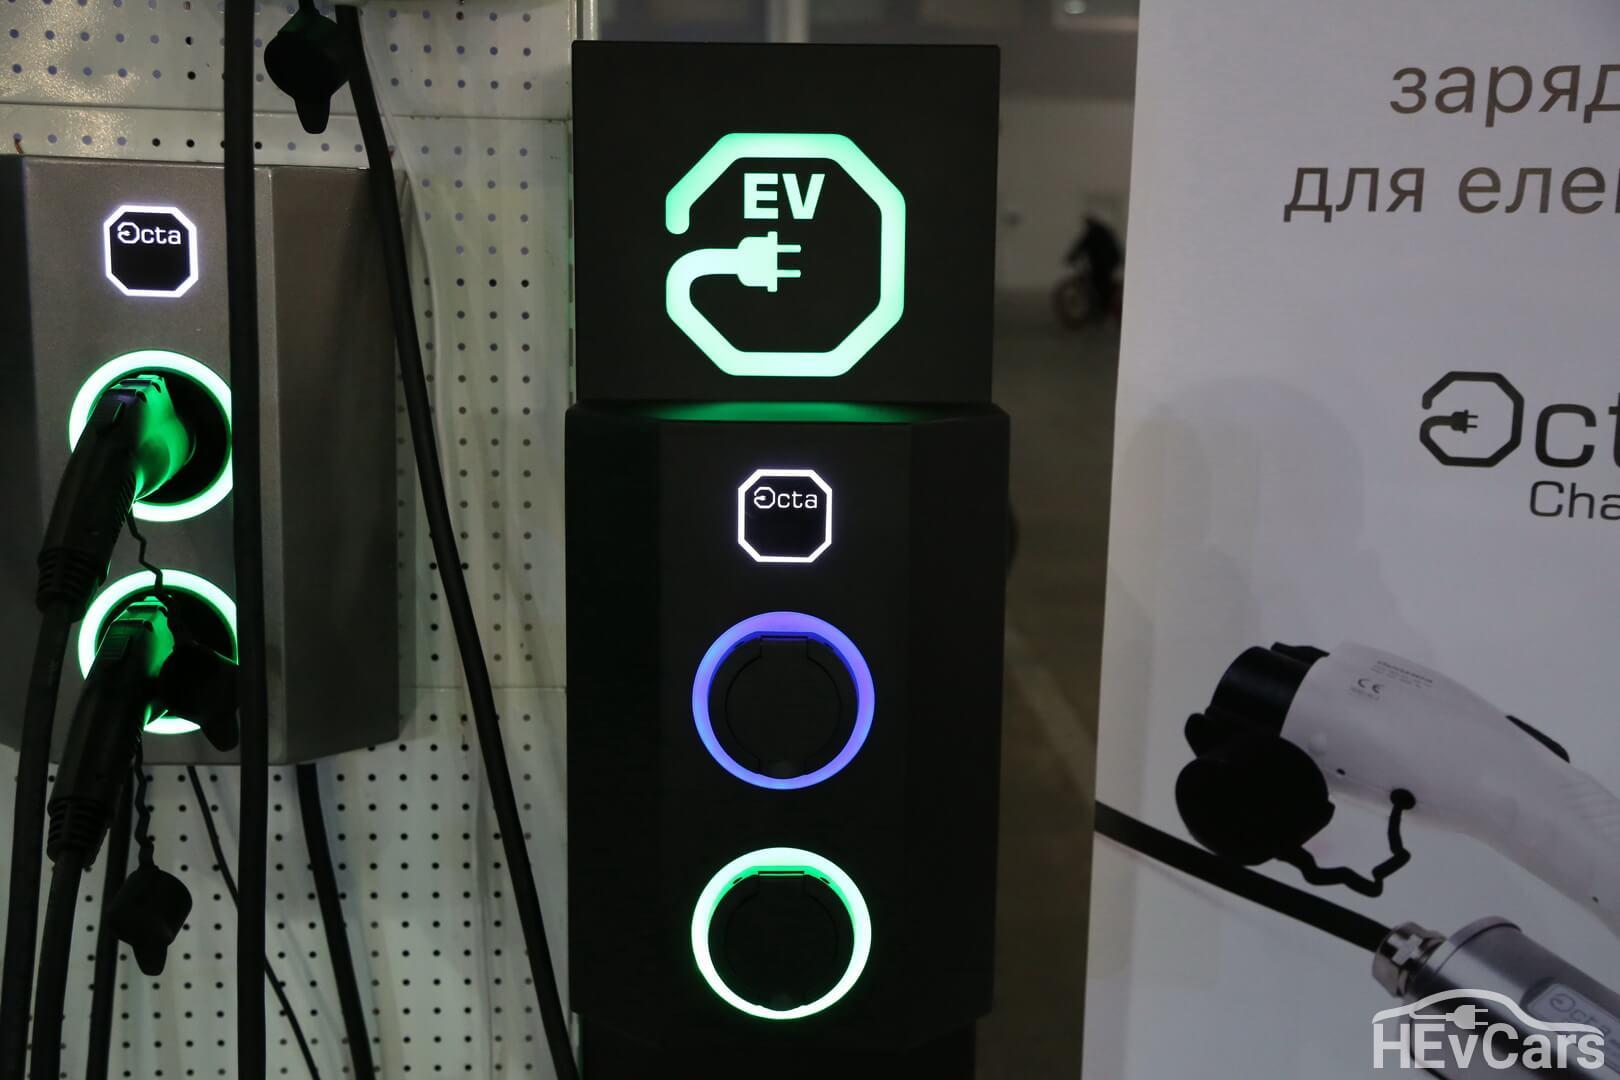 Зарядные станции Octa Energy